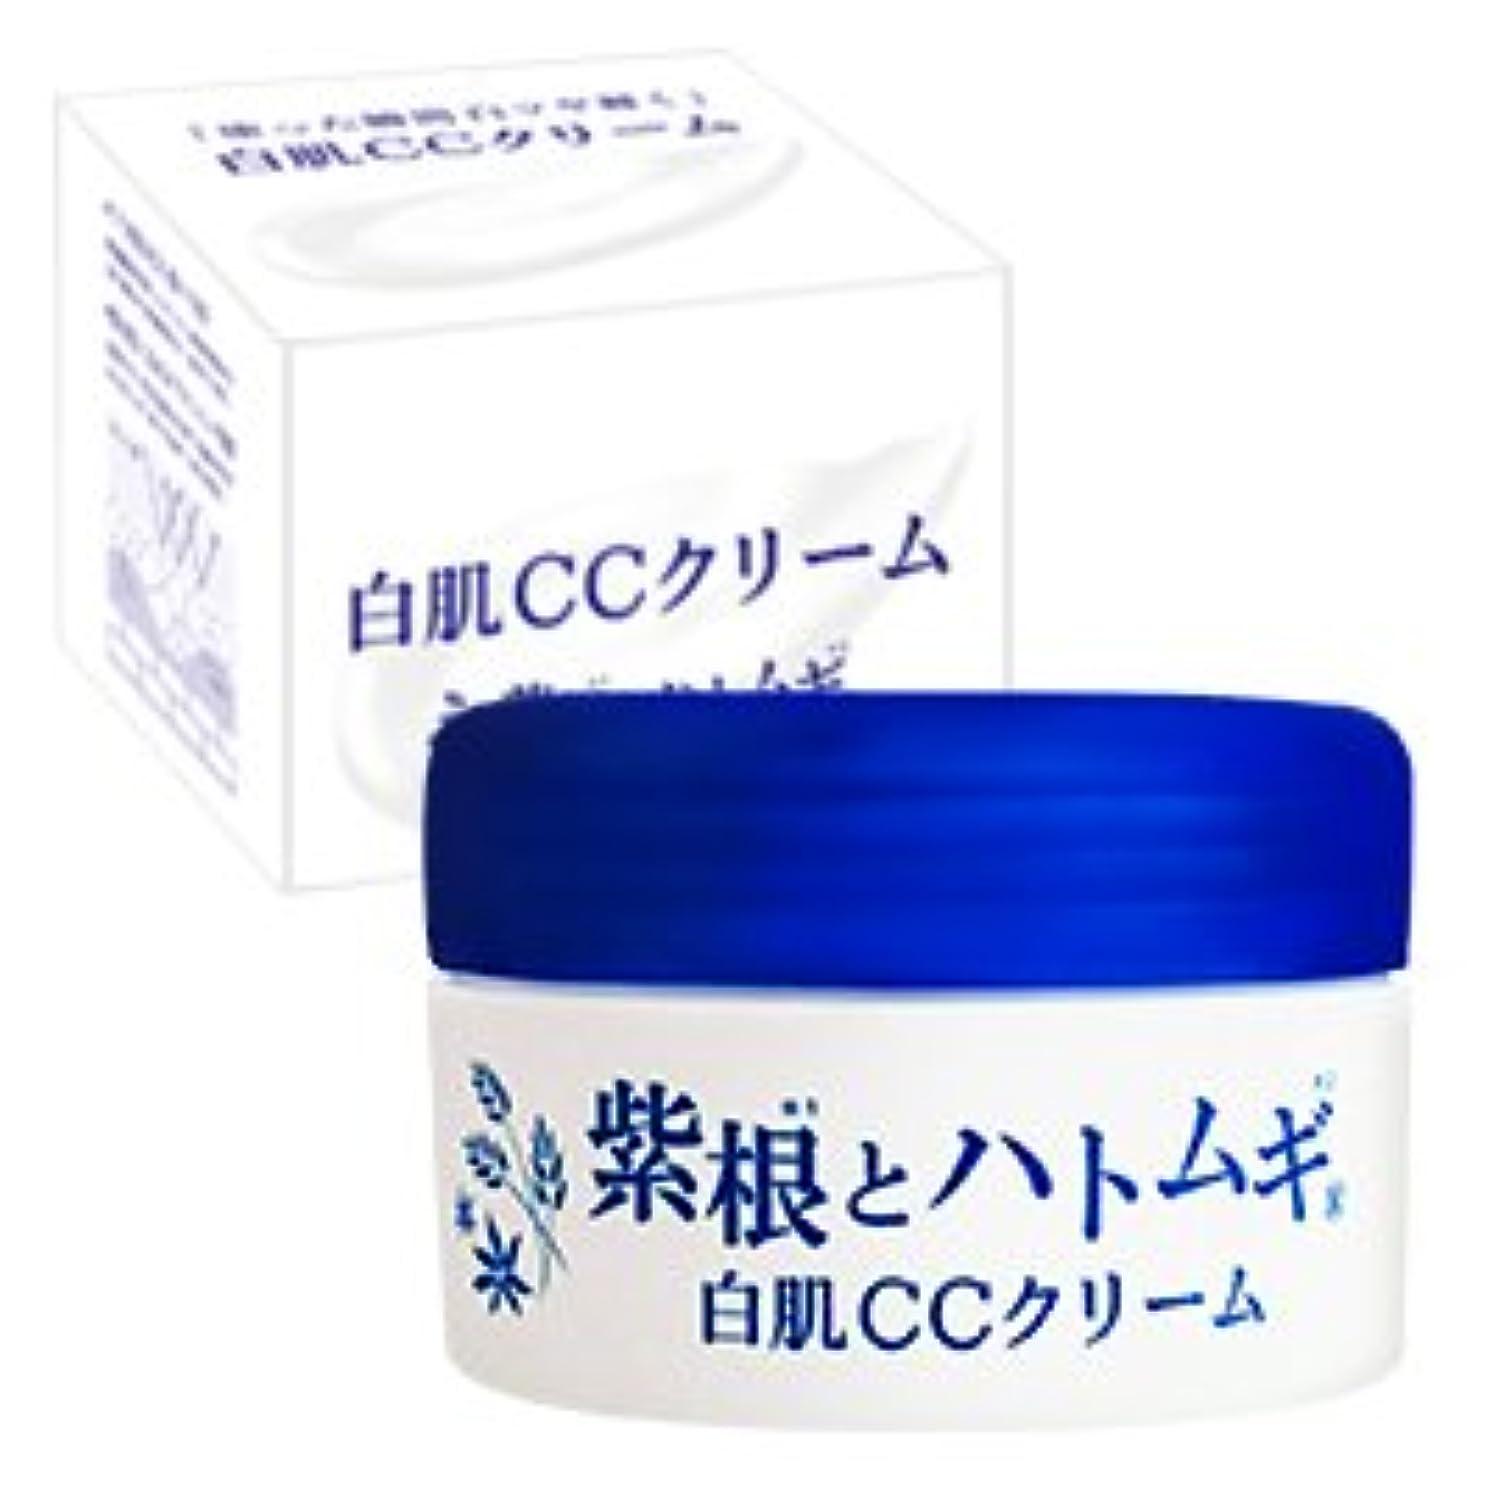 香港アンドリューハリディソブリケット紫根とハトムギ 白肌CCクリーム 100g